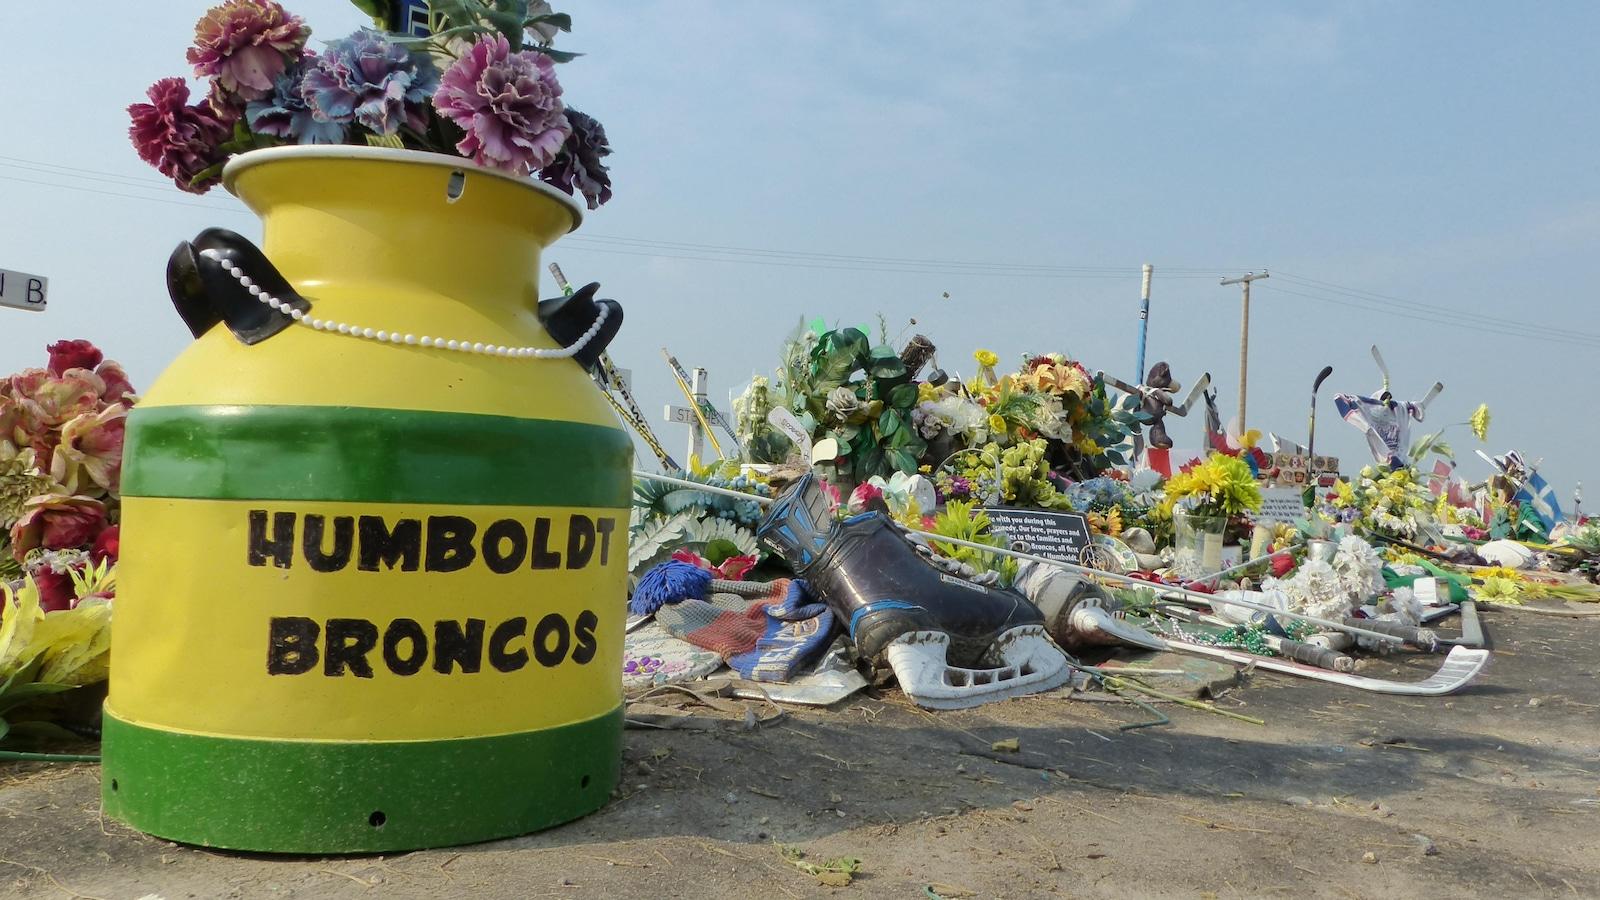 Un pot de fleurs de couleurs verte et jaune sur lequel il est inscrit Humbolt Broncos, accompagner de plusieurs objets significatifs, comme des patins à glace.